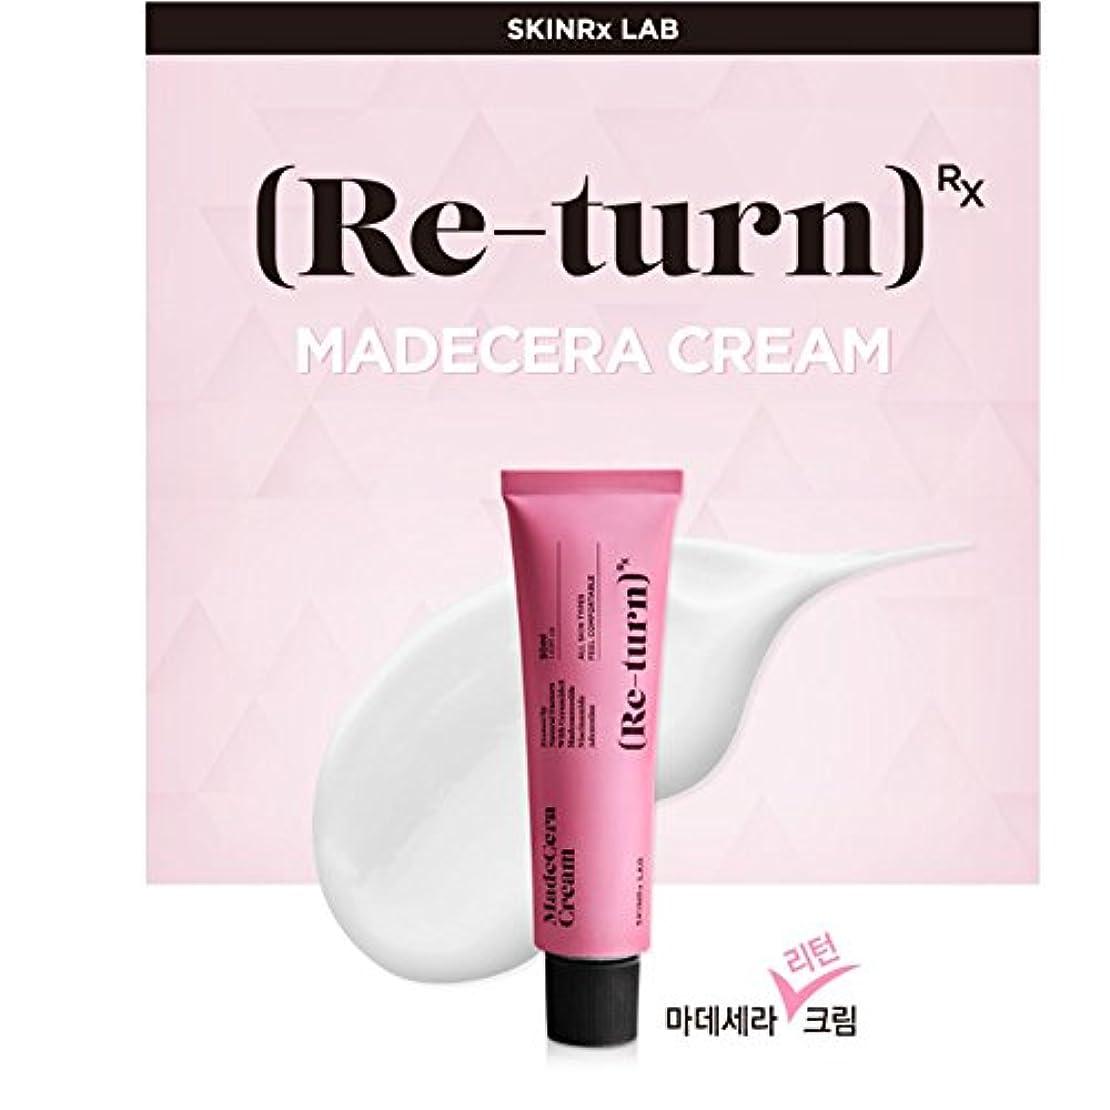 宿題絶滅選挙スキンアルエクスラップ マデセラ リターン クリーム 50ml / SKINRxLAB MadeCera Re-turn Cream 50ml (1.69oz)